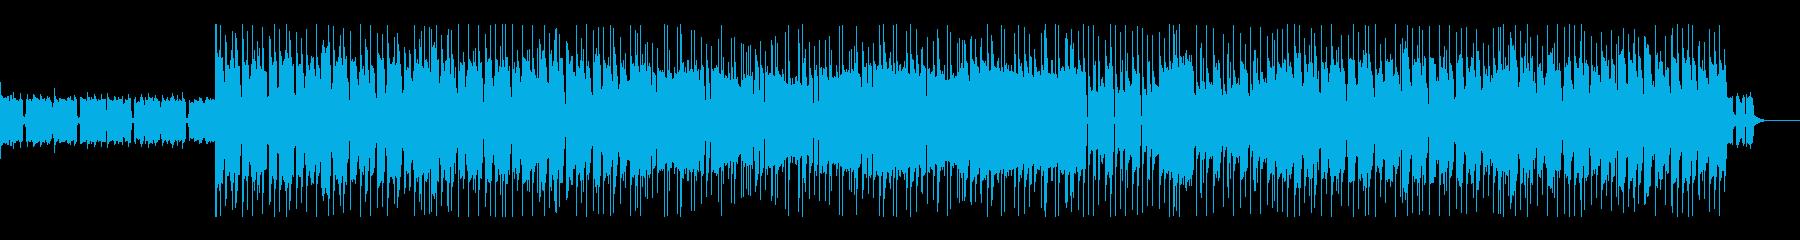 夜が似合うダークなギターポップスの再生済みの波形